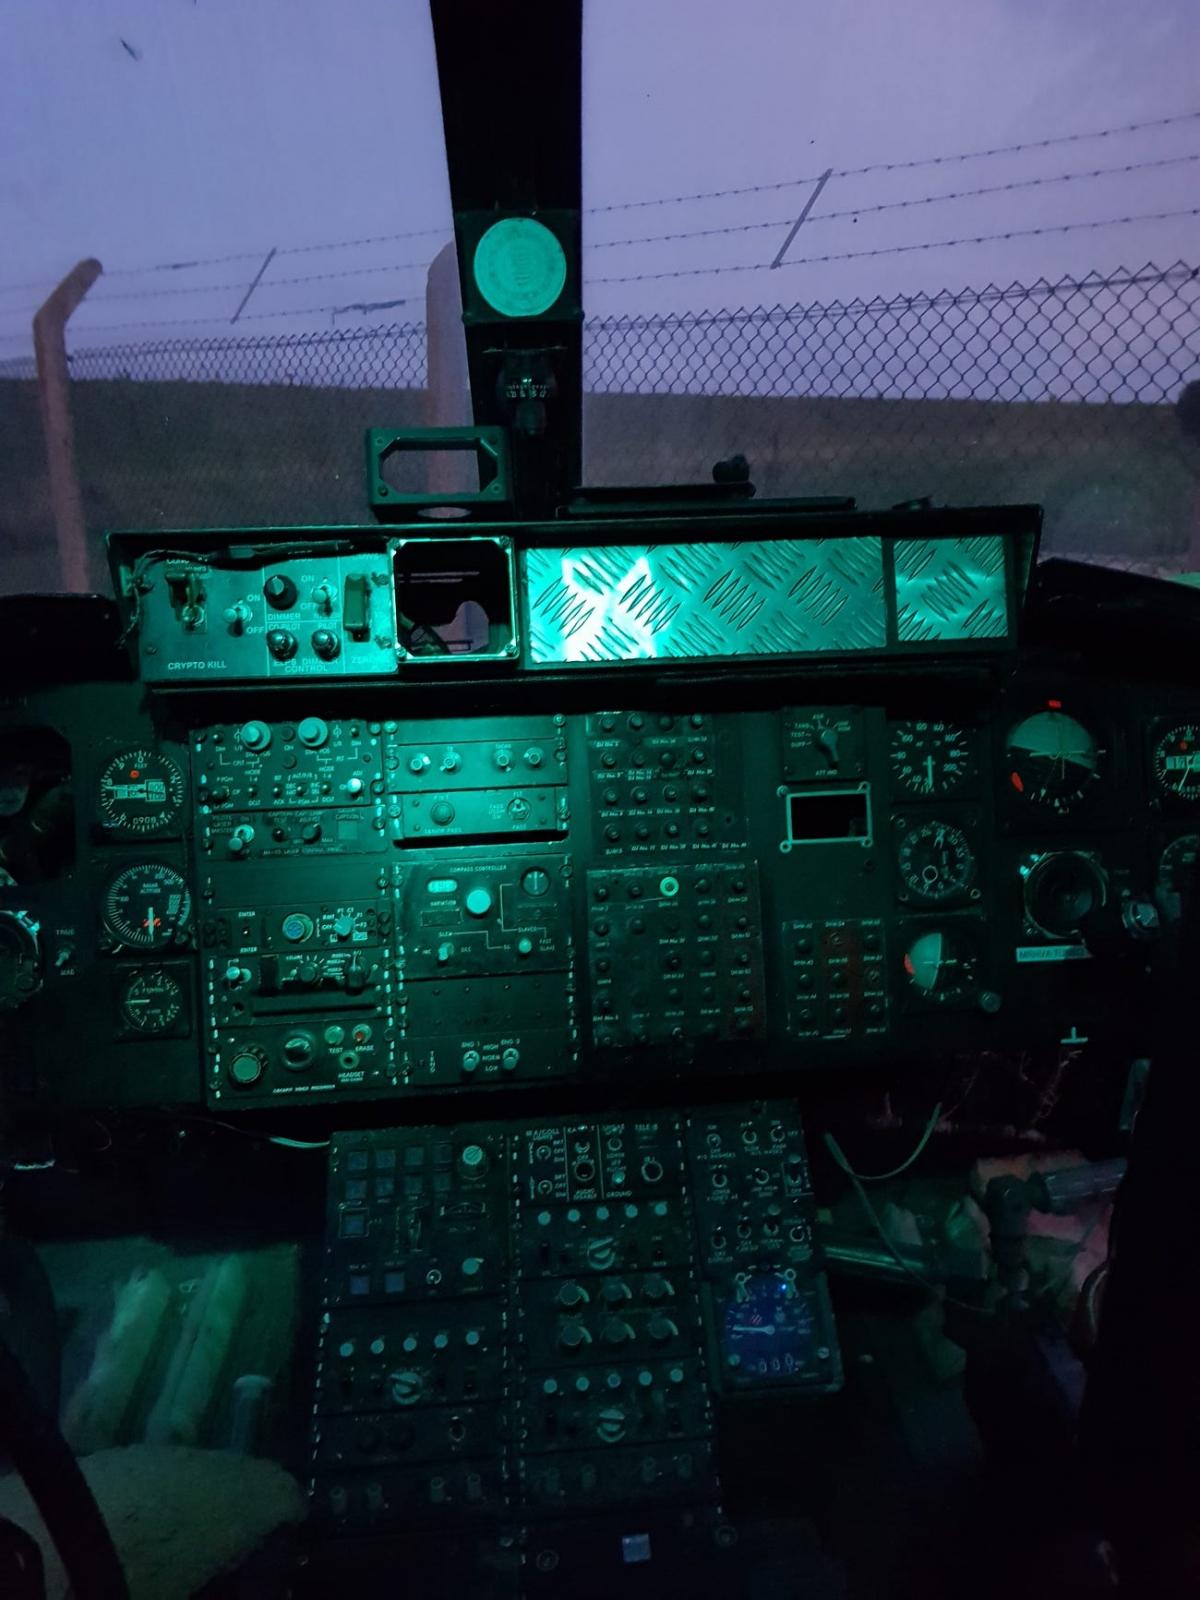 Buồng lái của trực thăng vẫn còn khá nguyên vẹn để du khách ngắm nghía và chụp ảnh.